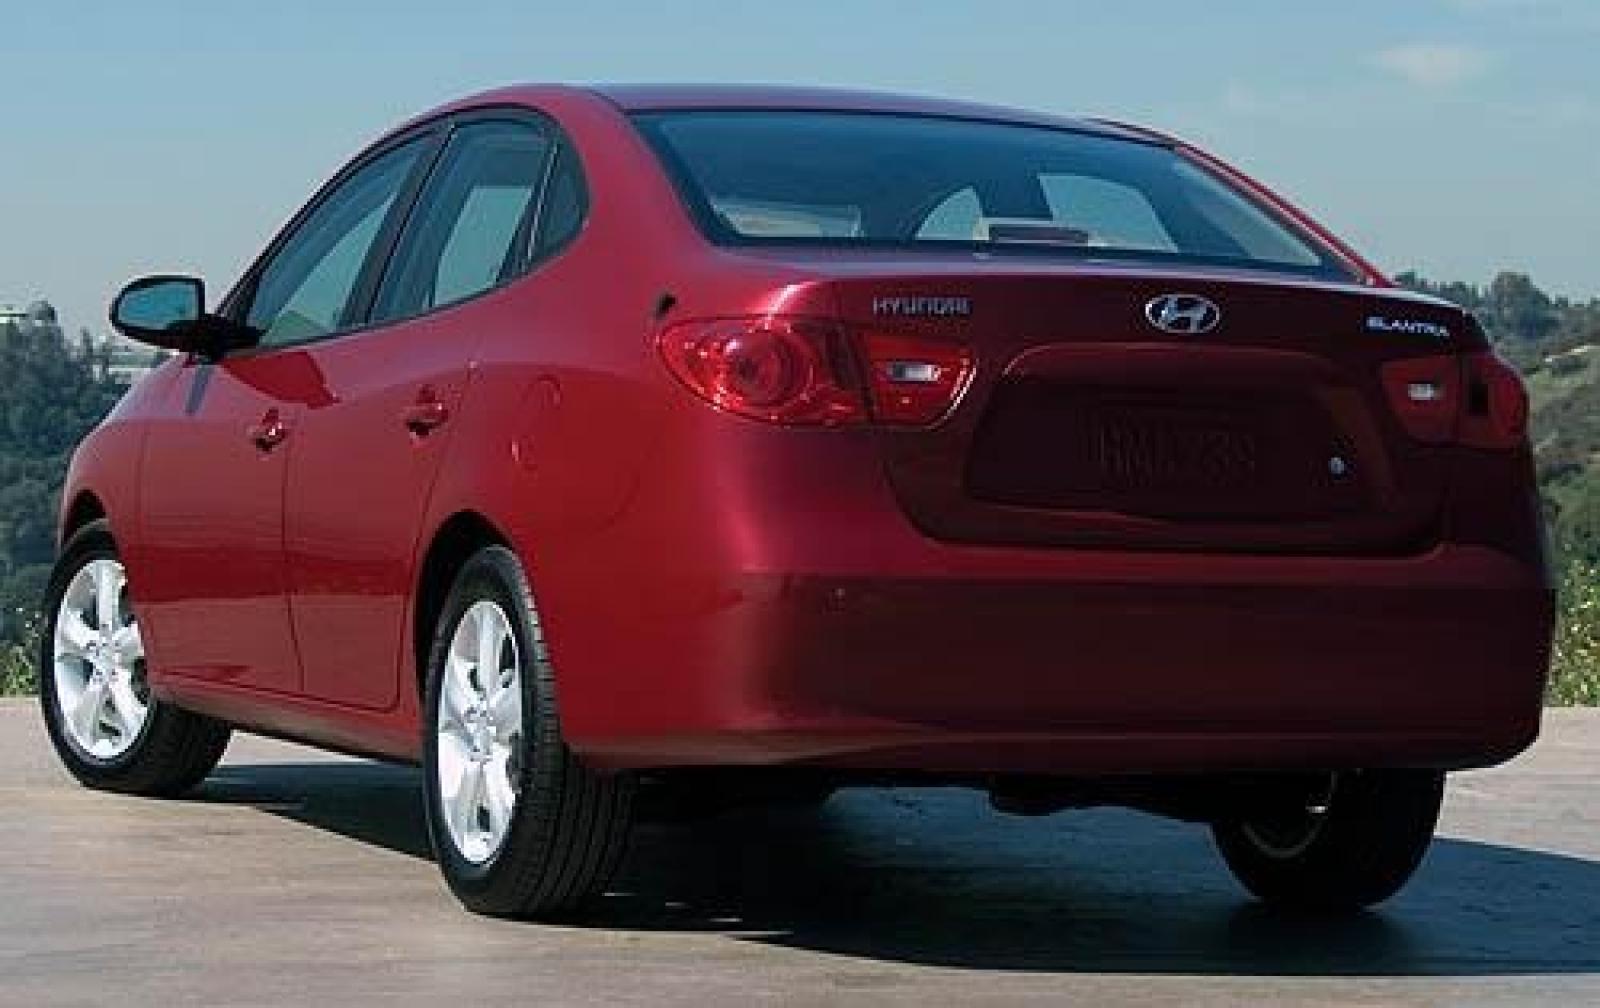 2010 hyundai elantra gls - 2010 Hyundai Elantra 3 2008 Hyundai Elantra Gls Interior 3 800 1024 1280 1600 Origin